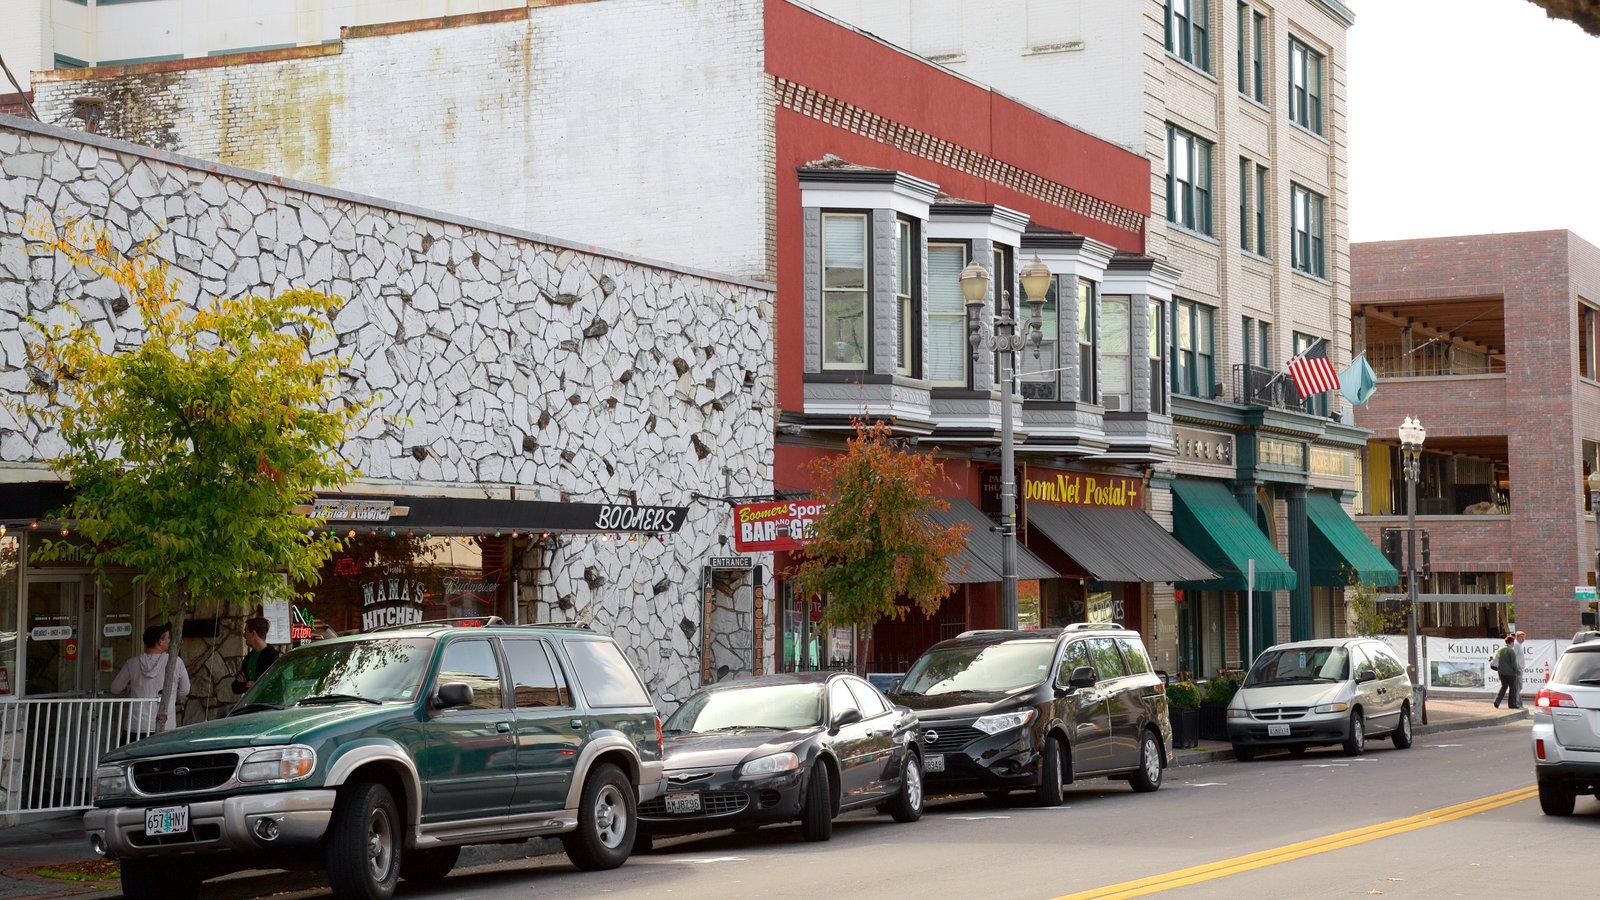 Vancouver que inclui cenas de rua e arquitetura de patrimônio